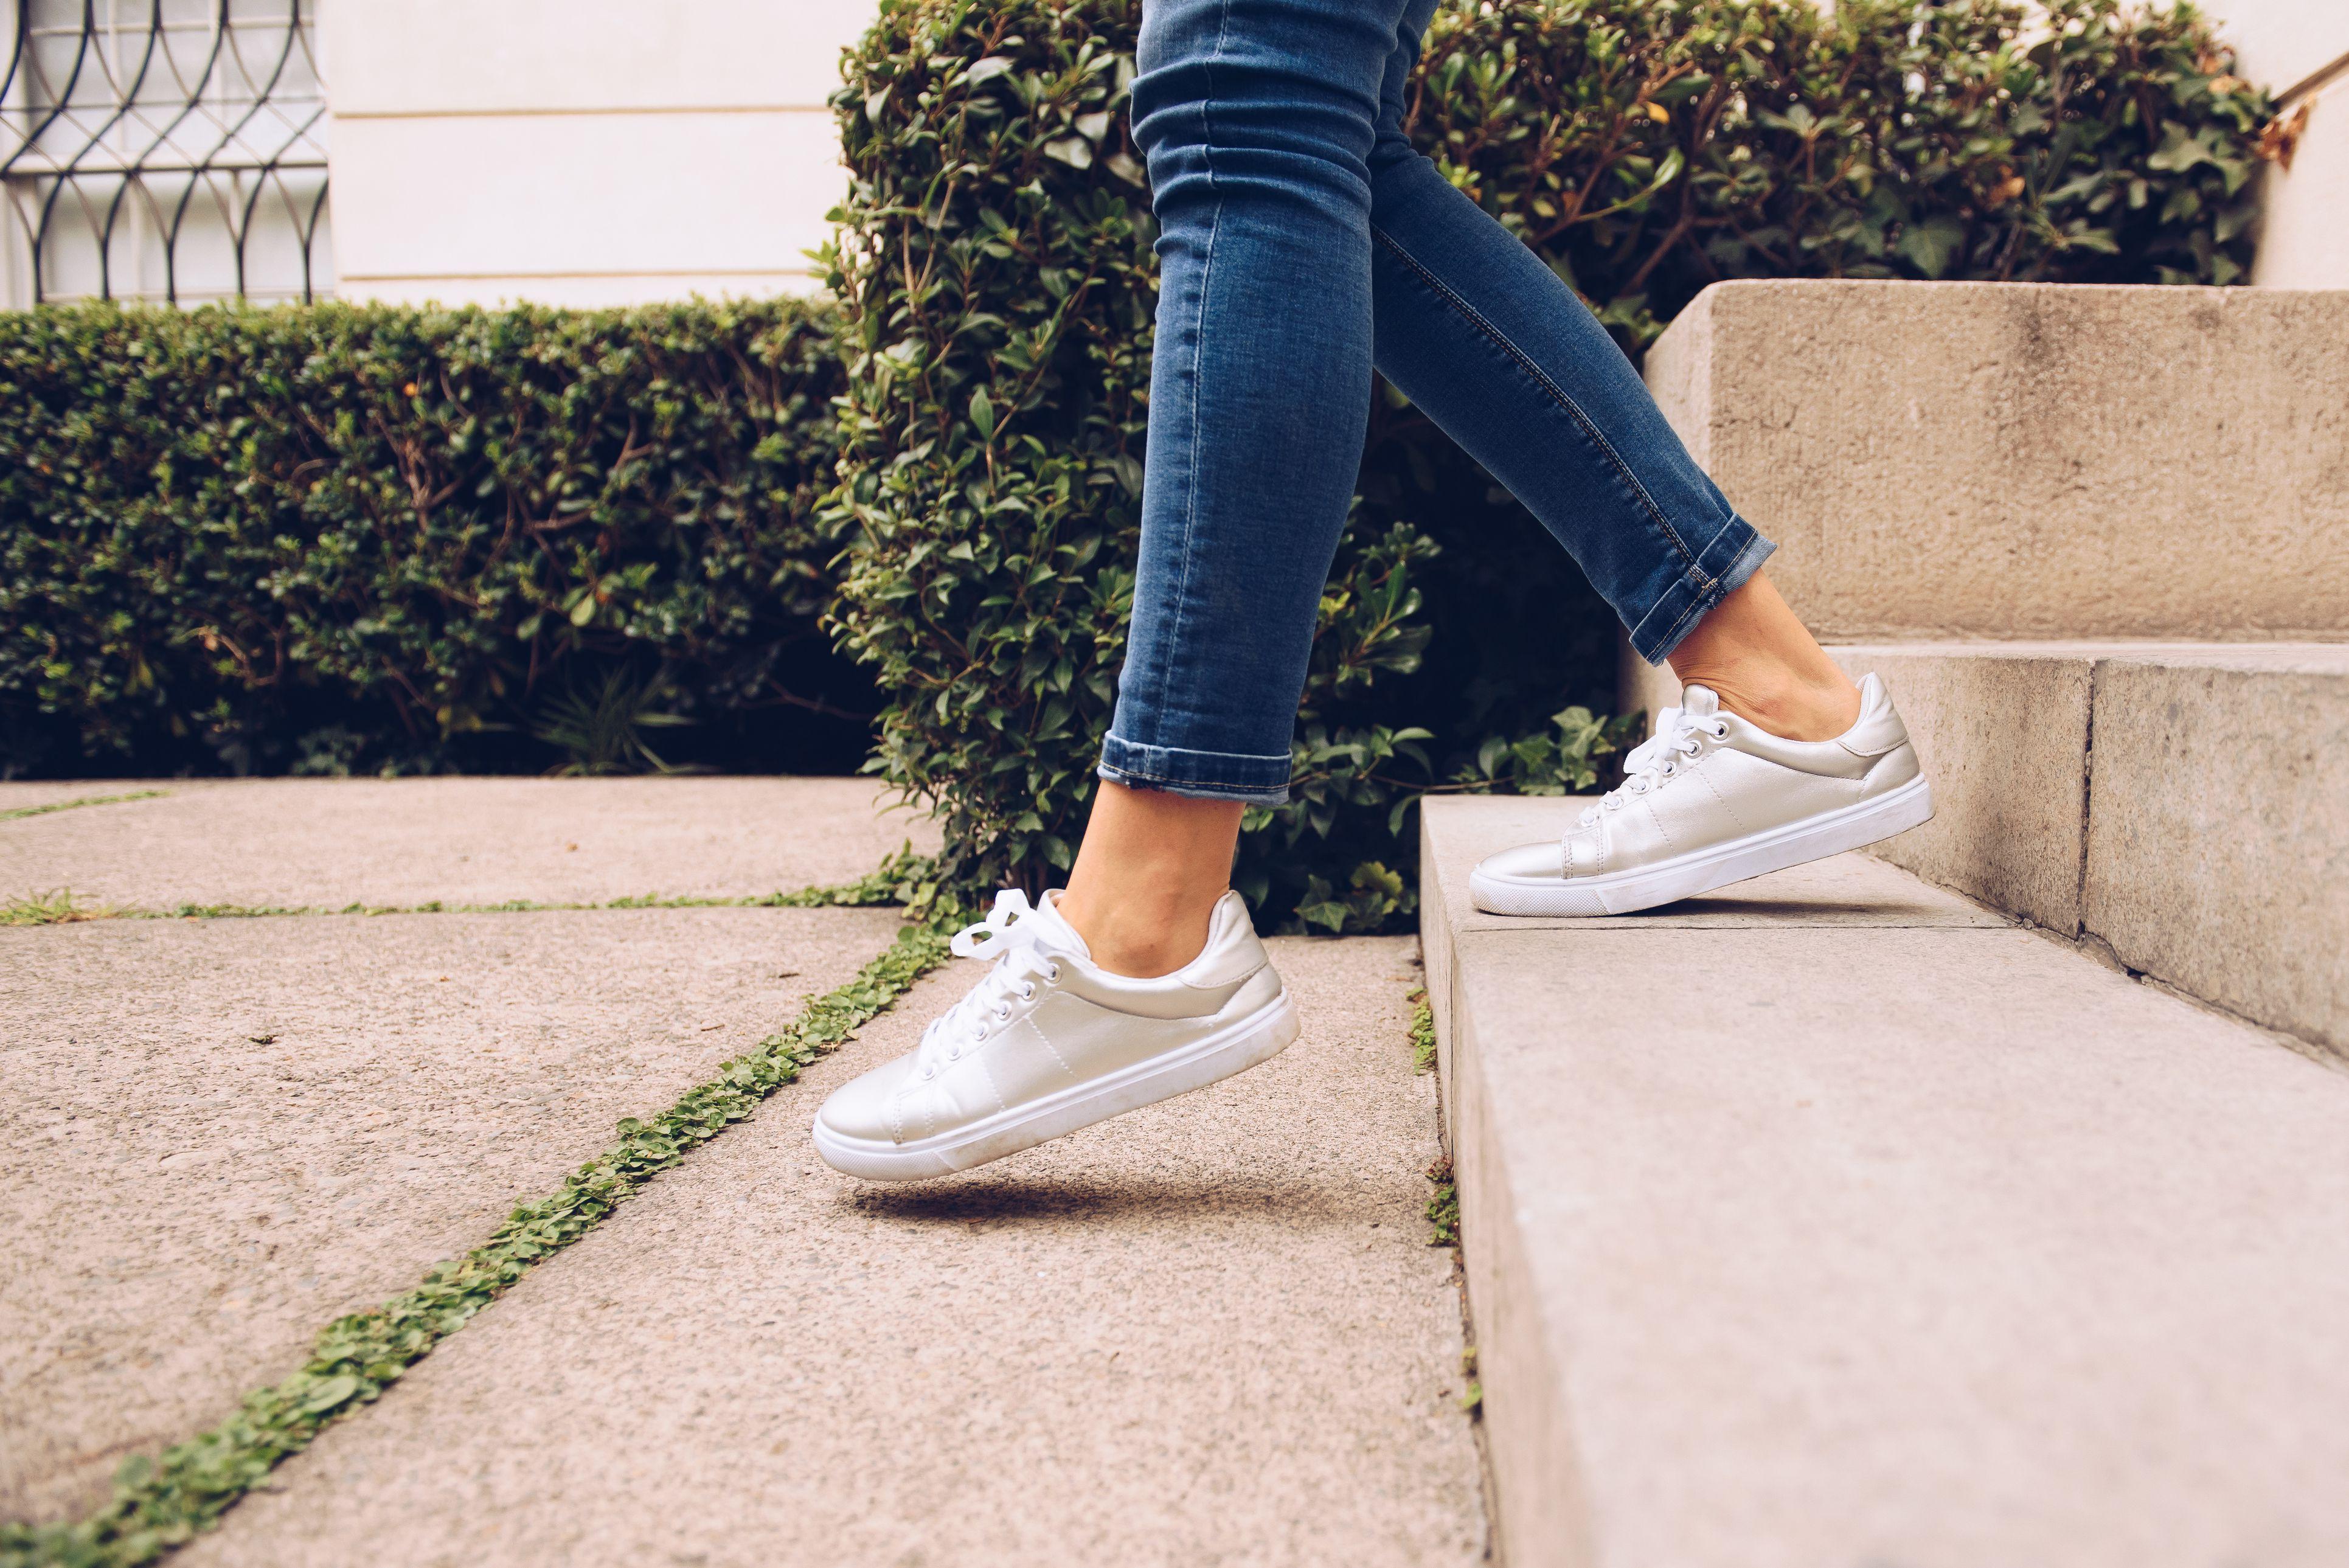 Piernas de mujer vistiendo zapatillas caminando abajo